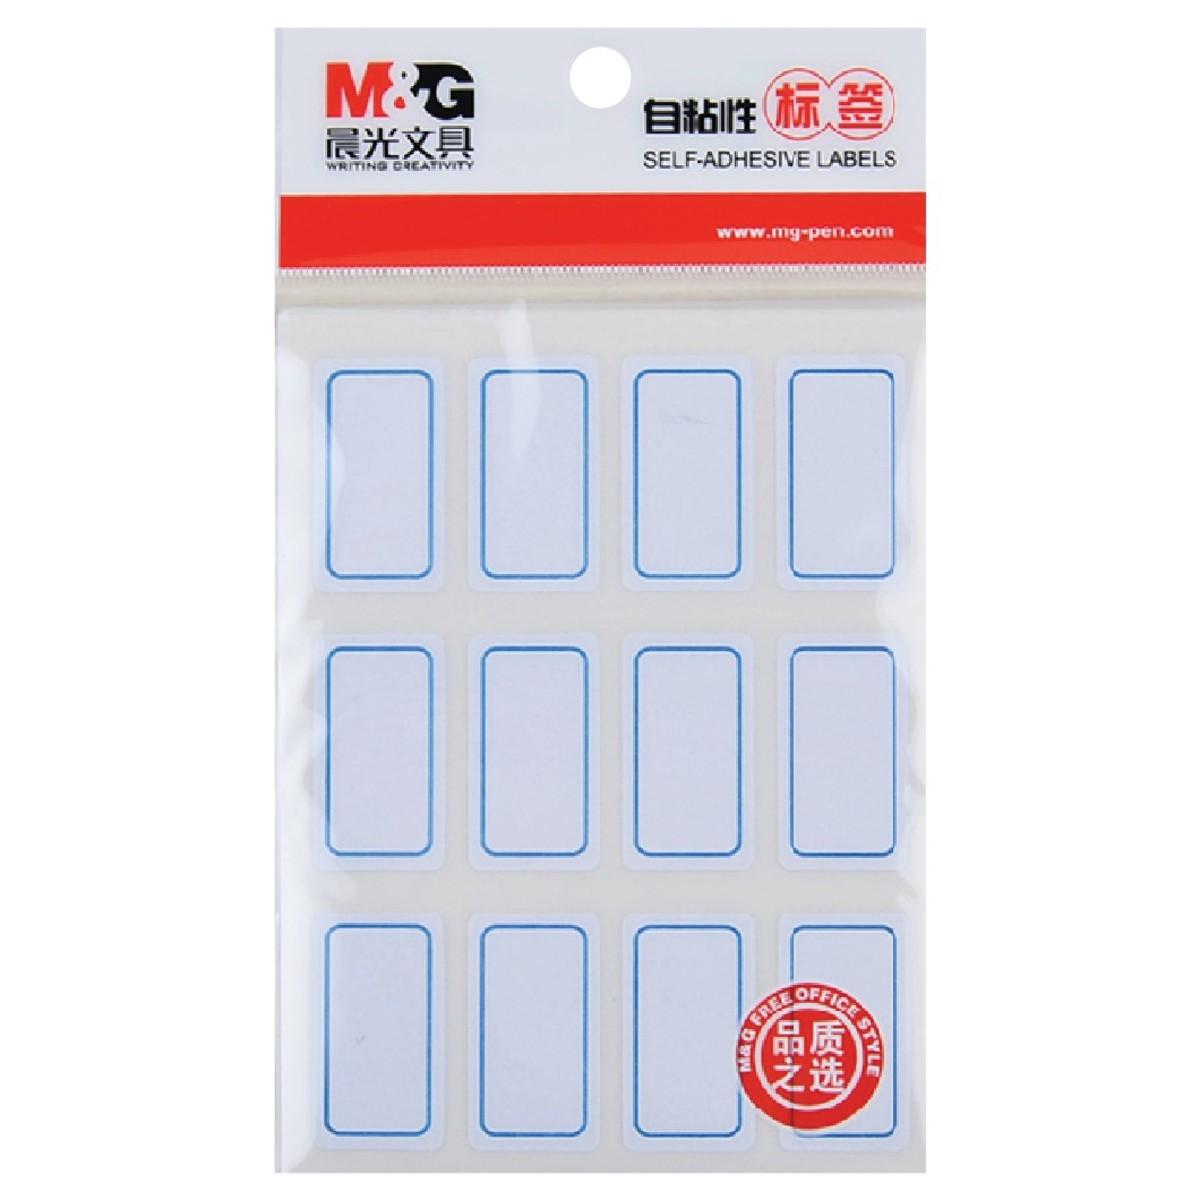 【10件裝】自粘性標籤 12枚(10張) (18 x 32mm)